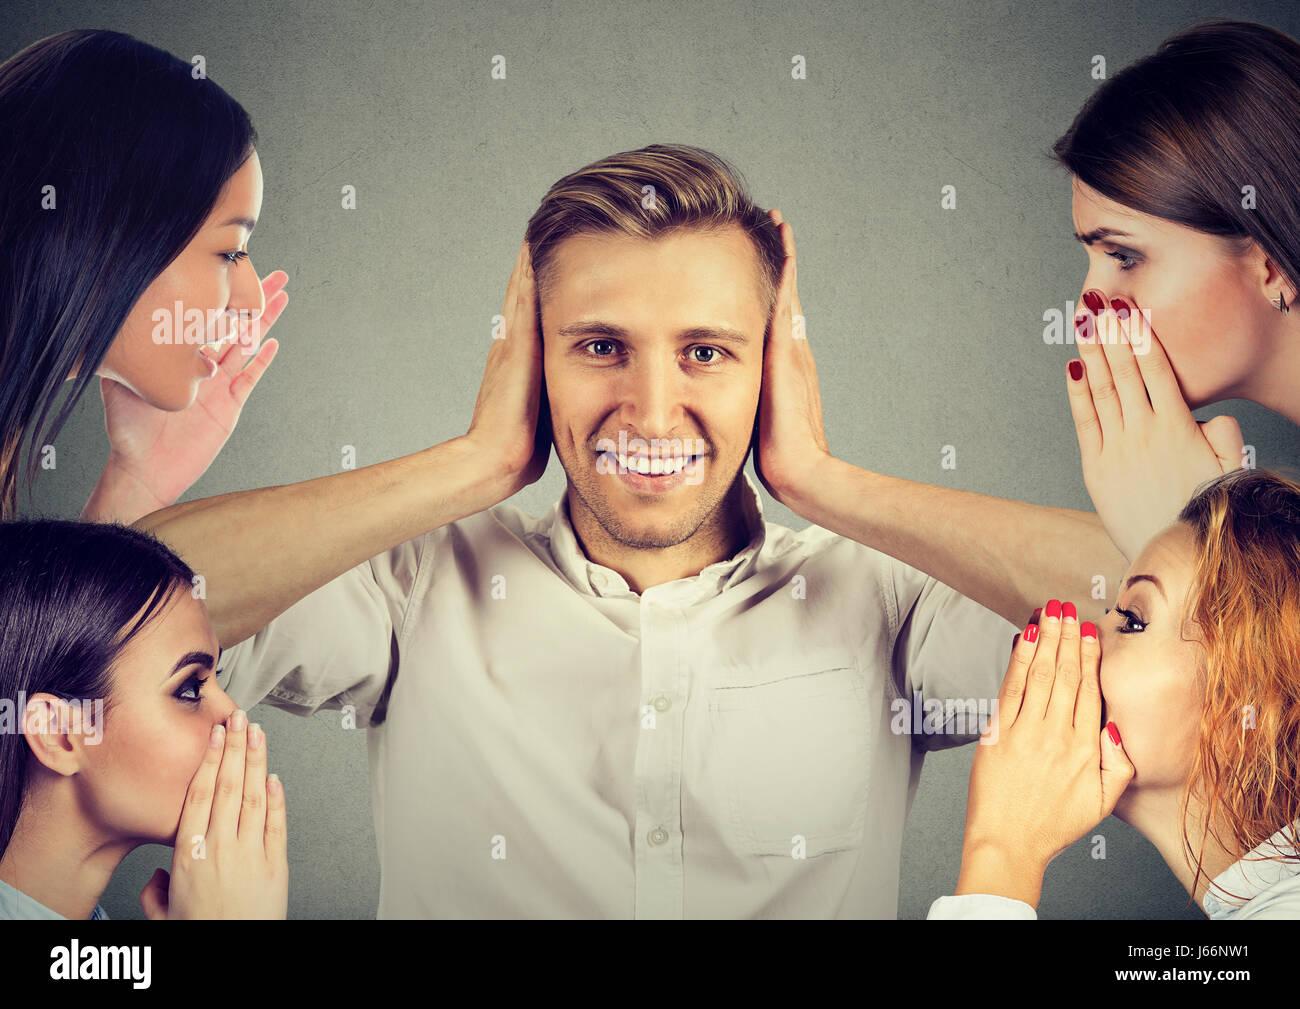 Quatre femmes whispering a secret les derniers potins à un jeune homme qui couvre les oreilles et ignorant Photo Stock